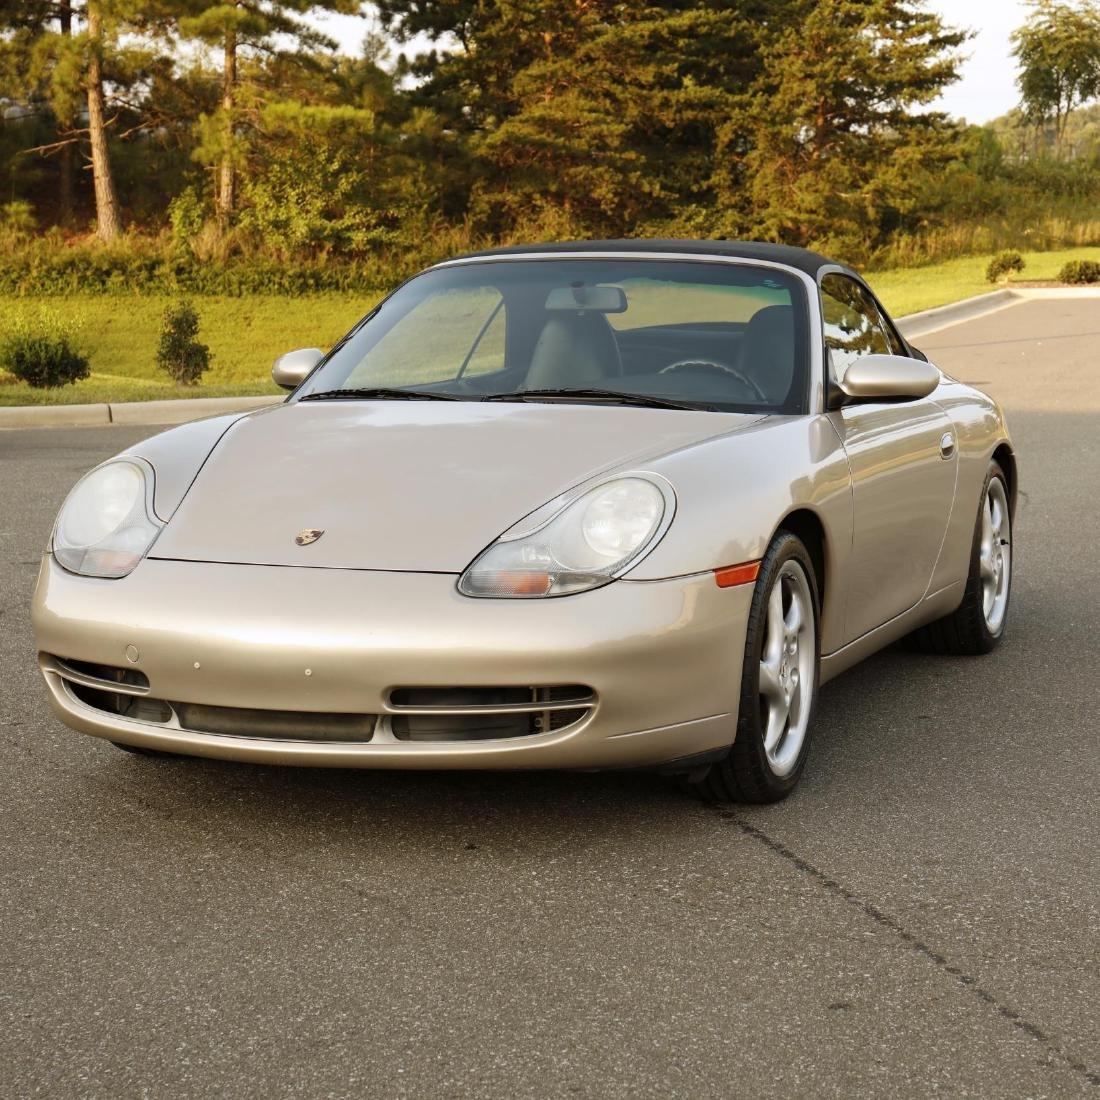 1999 Porsche 911 Carrera Convertible - 3